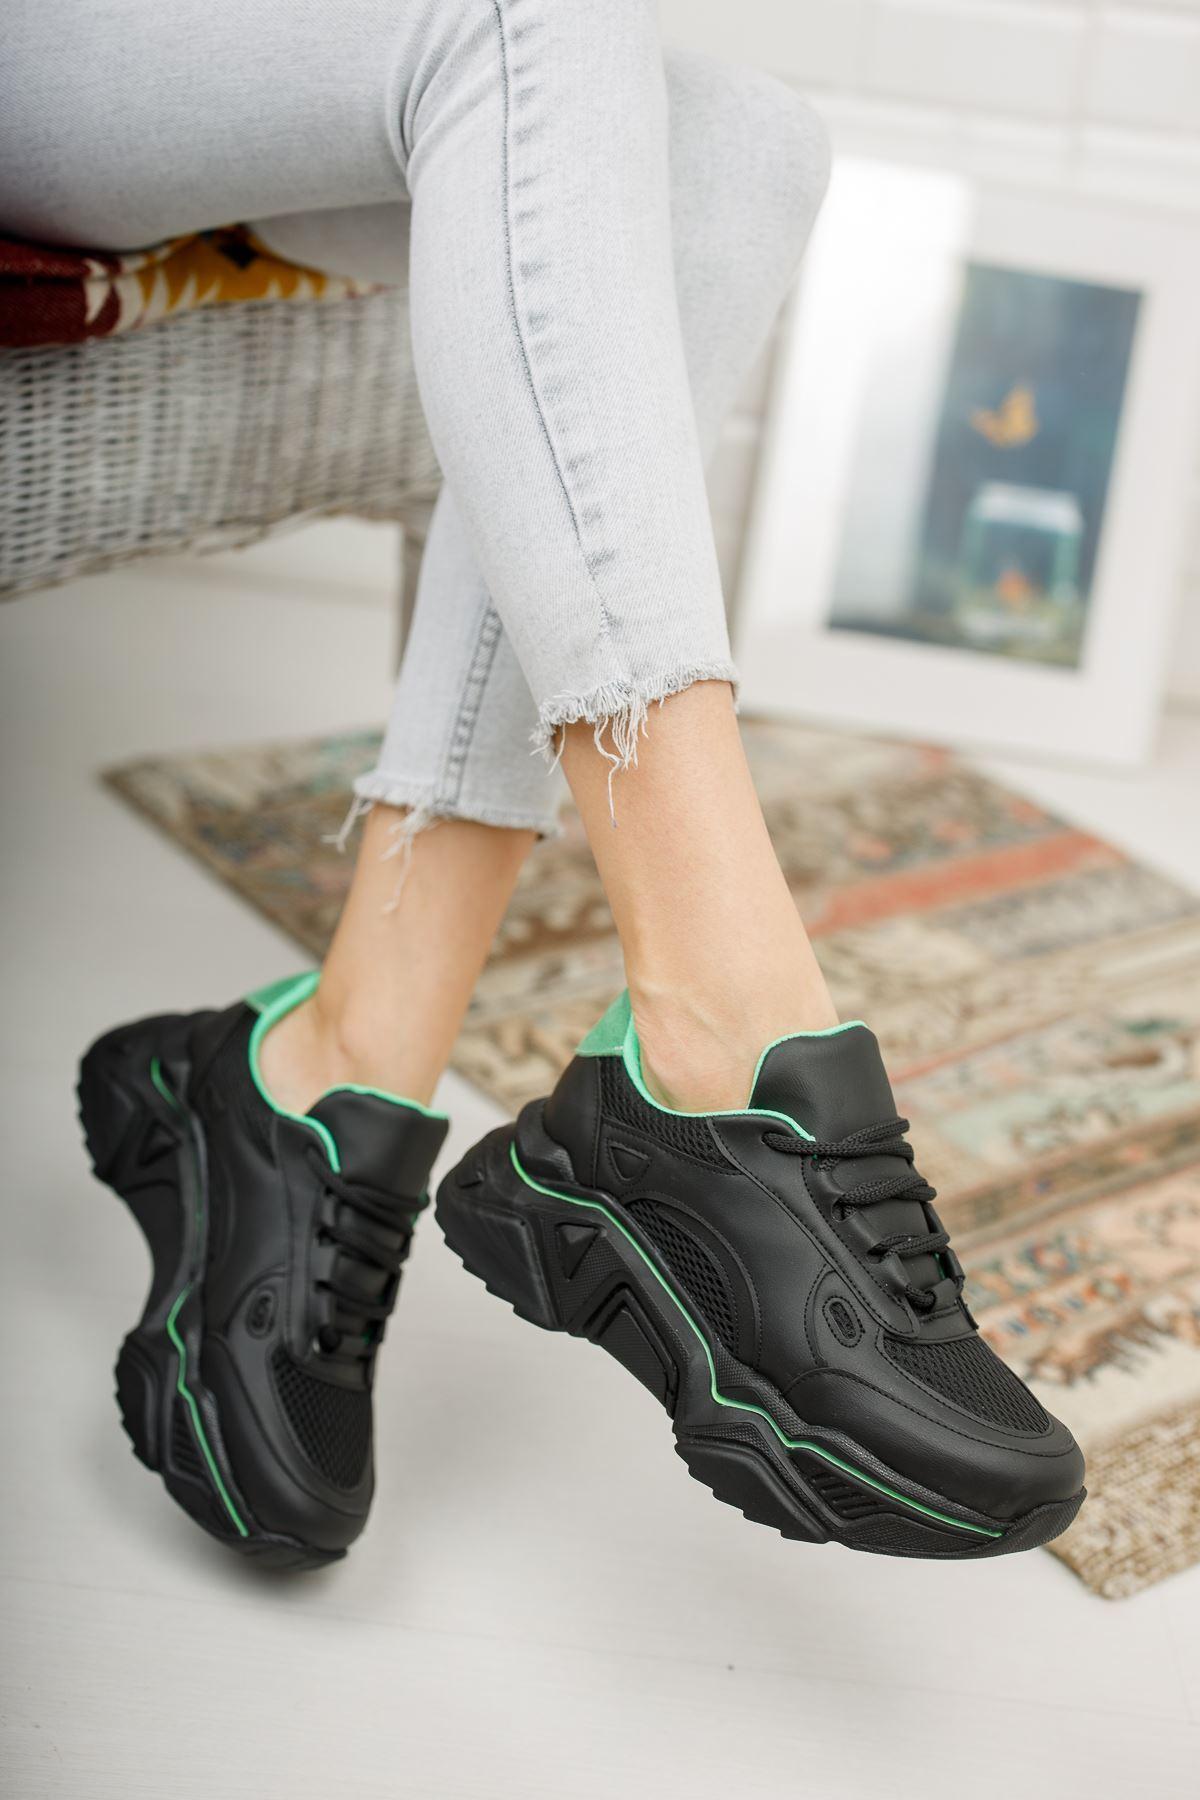 Loza Siyah Mat Yeşil Bağcıklı Kadın Spor Ayakkabı